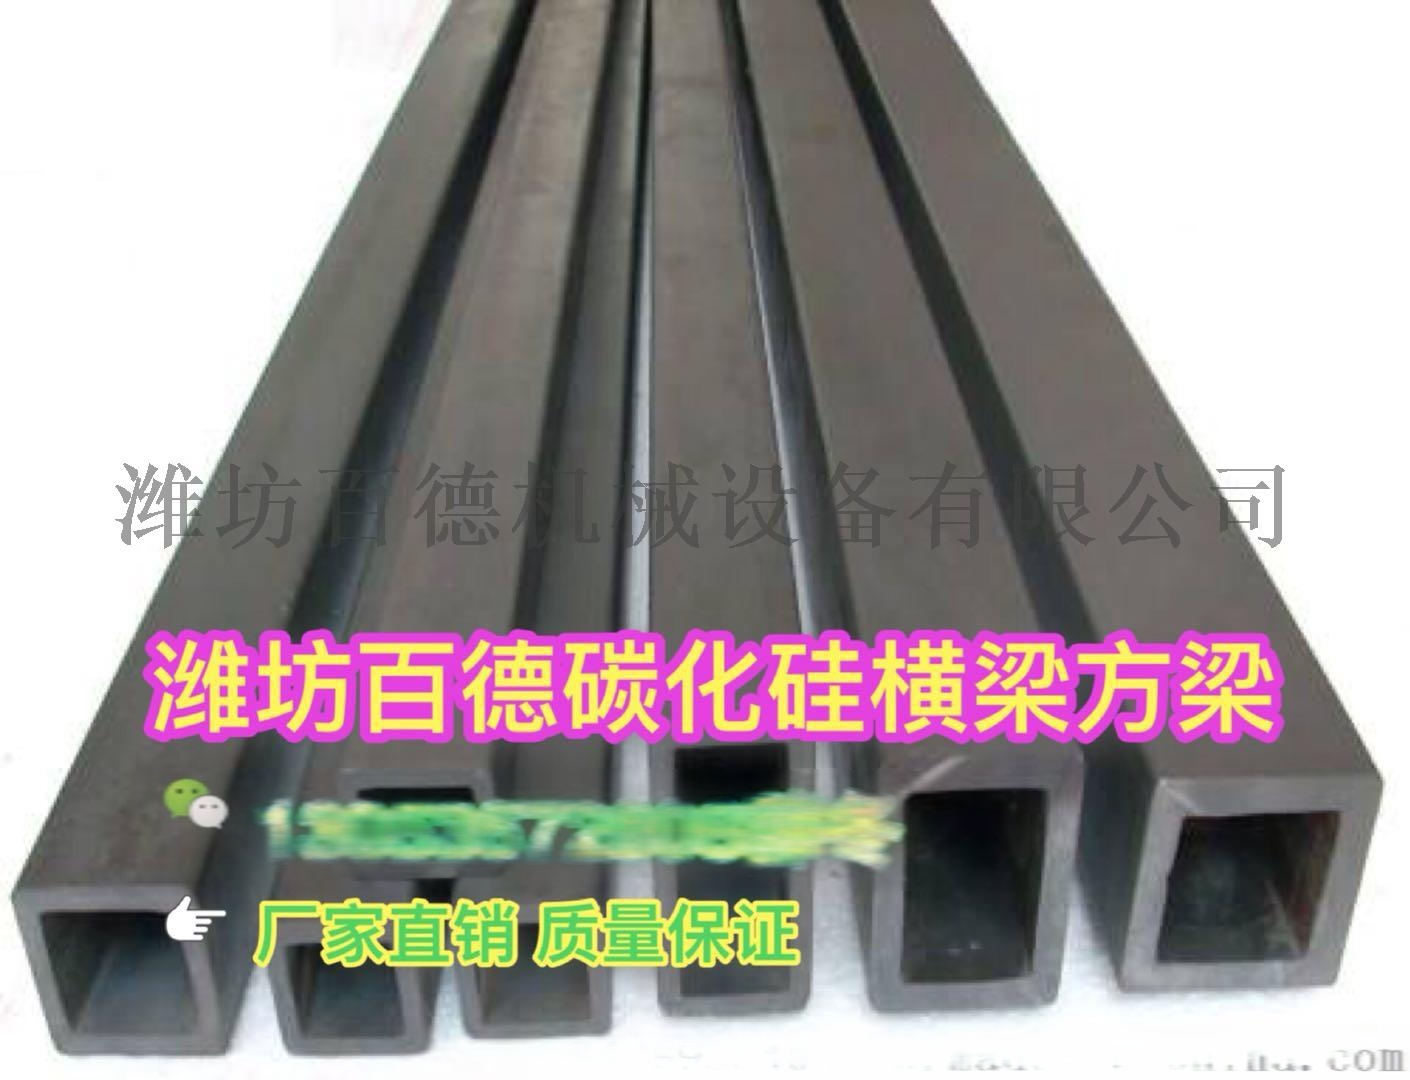 山东潍坊百德真空反应烧结碳化硅横梁方梁辊棒异形件生产厂家745837962